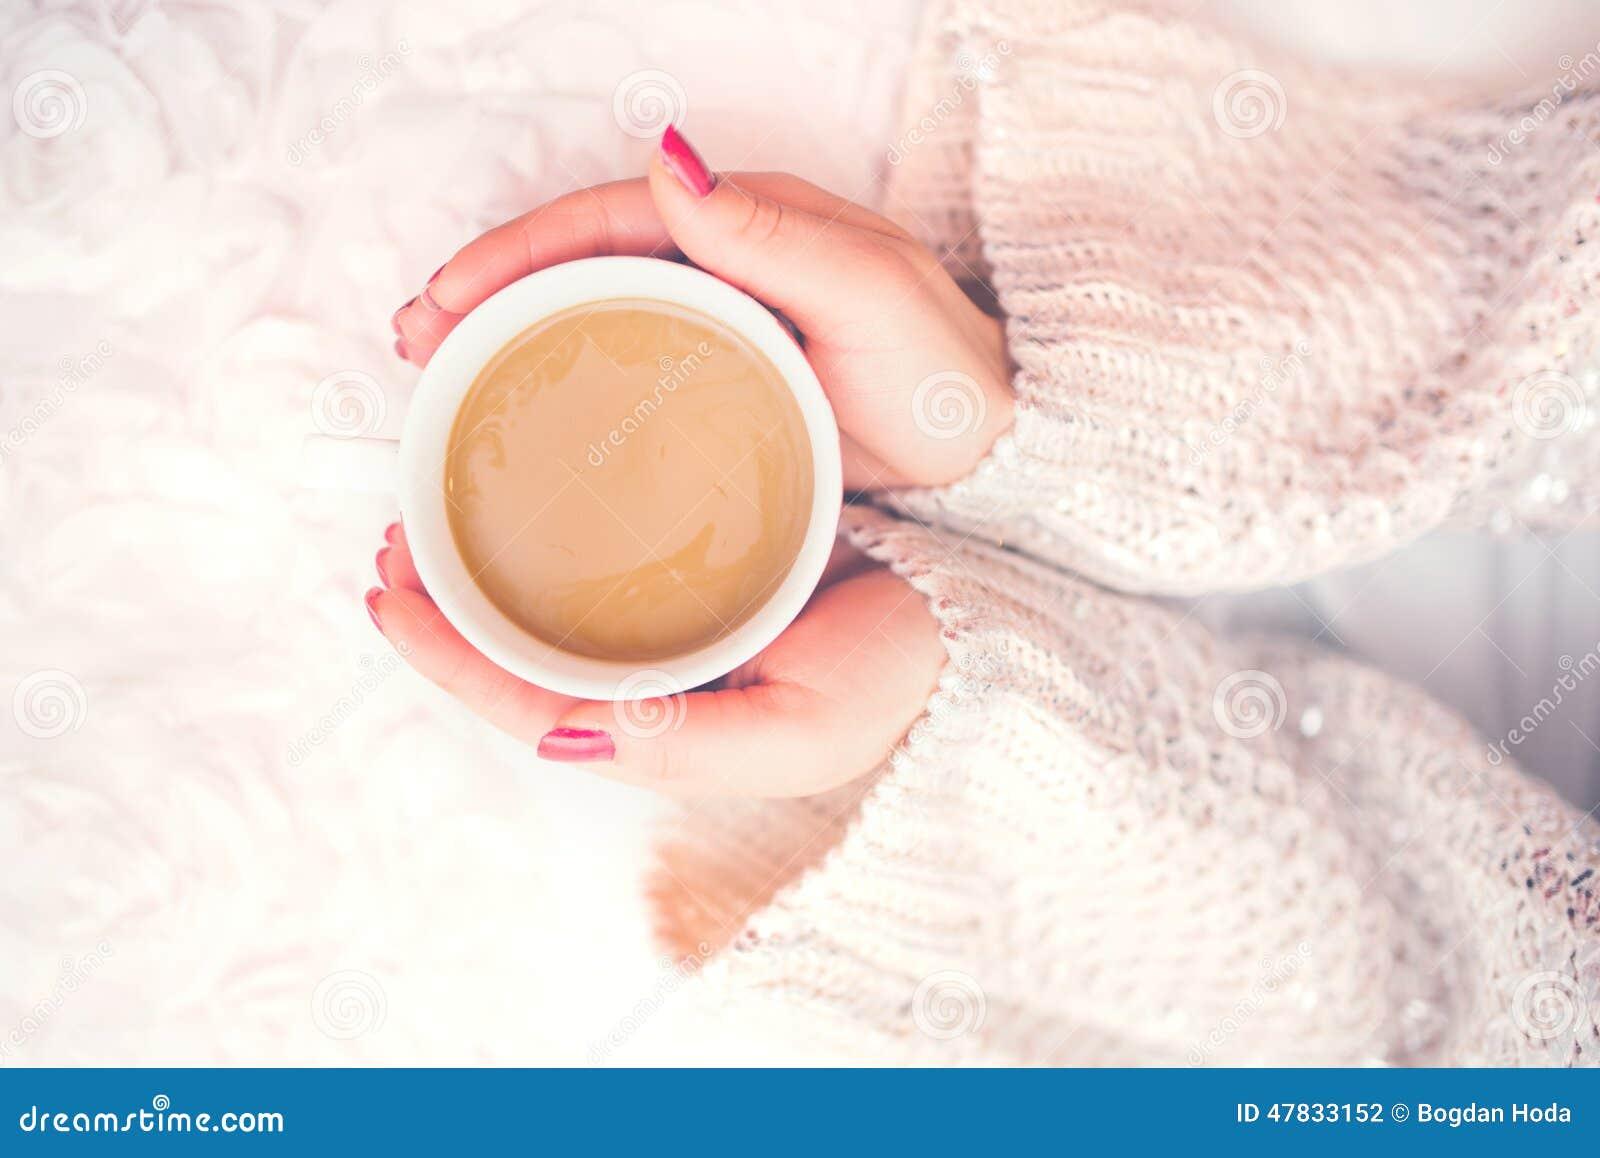 La donna passa la tenuta della tazza di caffè caldo, caffè espresso su un inverno, il giorno freddo